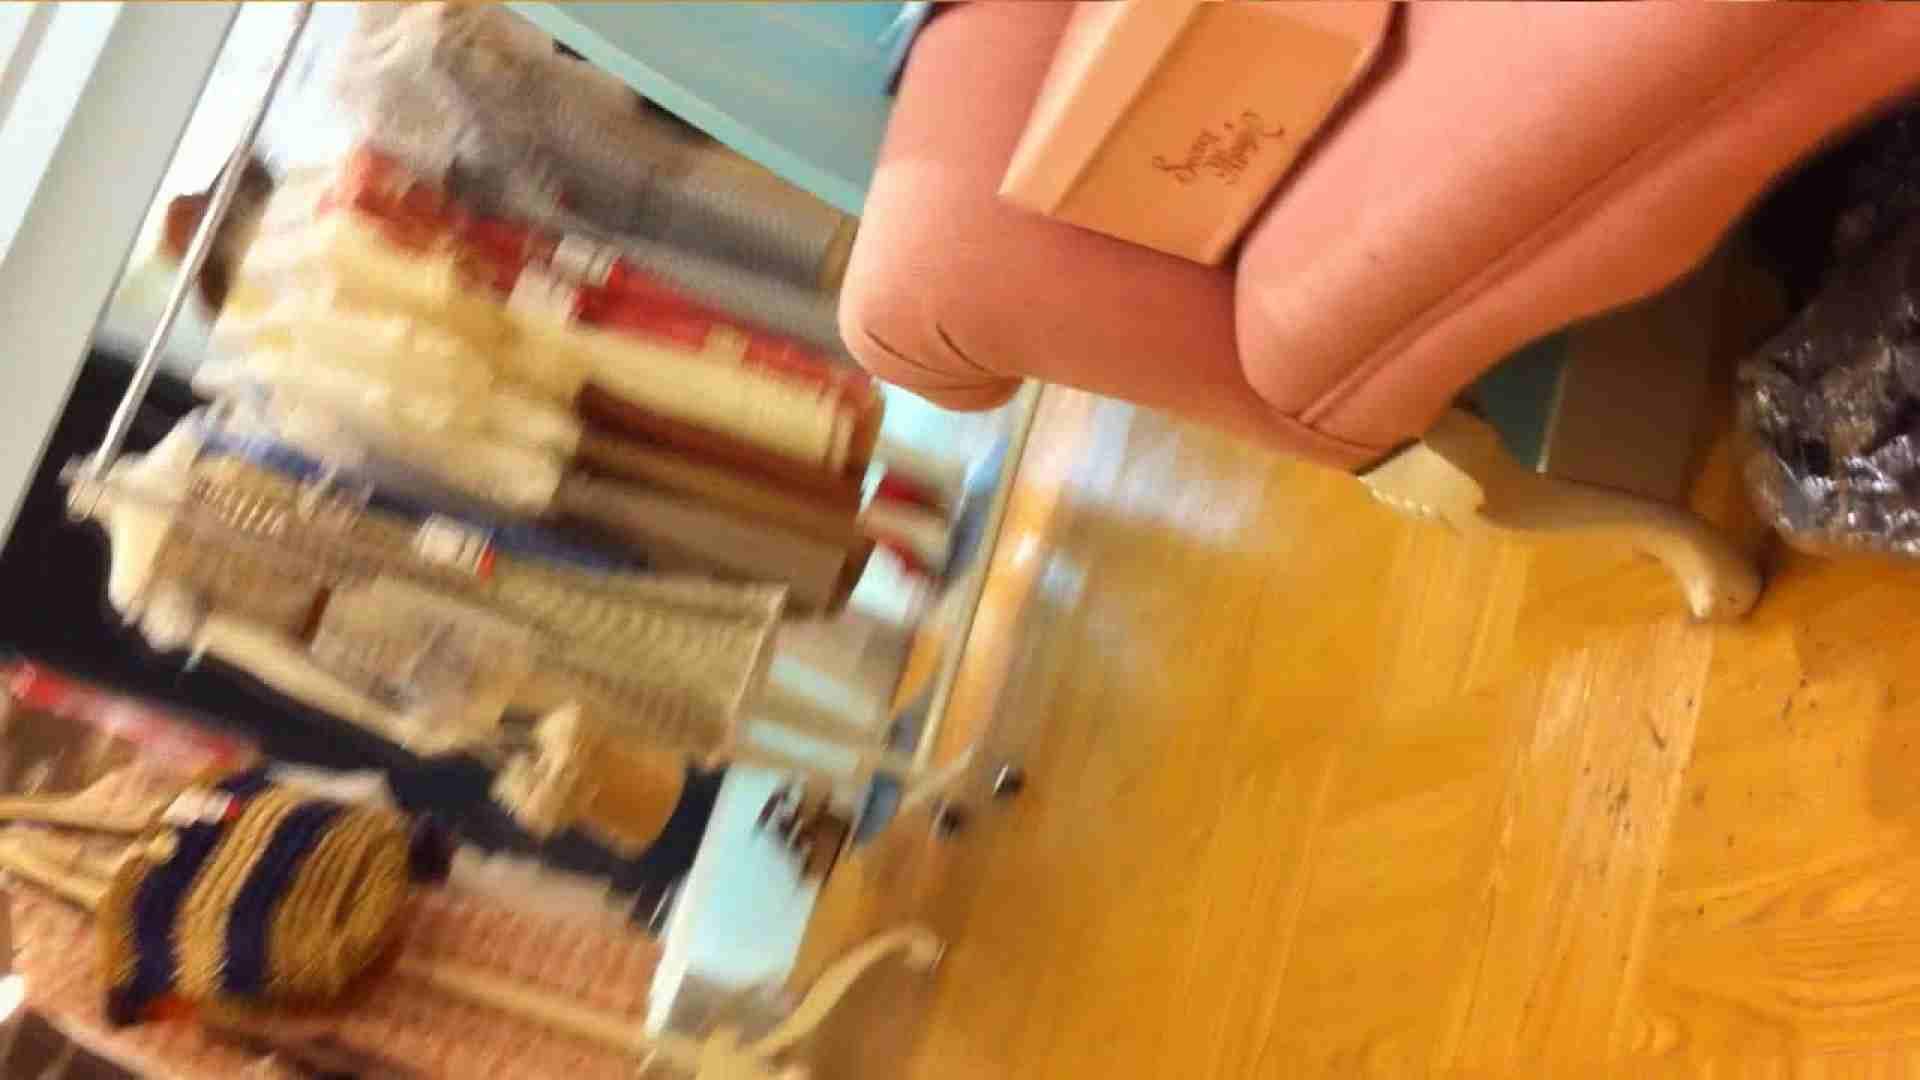 可愛いカリスマ店員限定‼胸チラ&パンチラ vol.10 チラ 盗み撮りAV無料動画キャプチャ 110画像 26